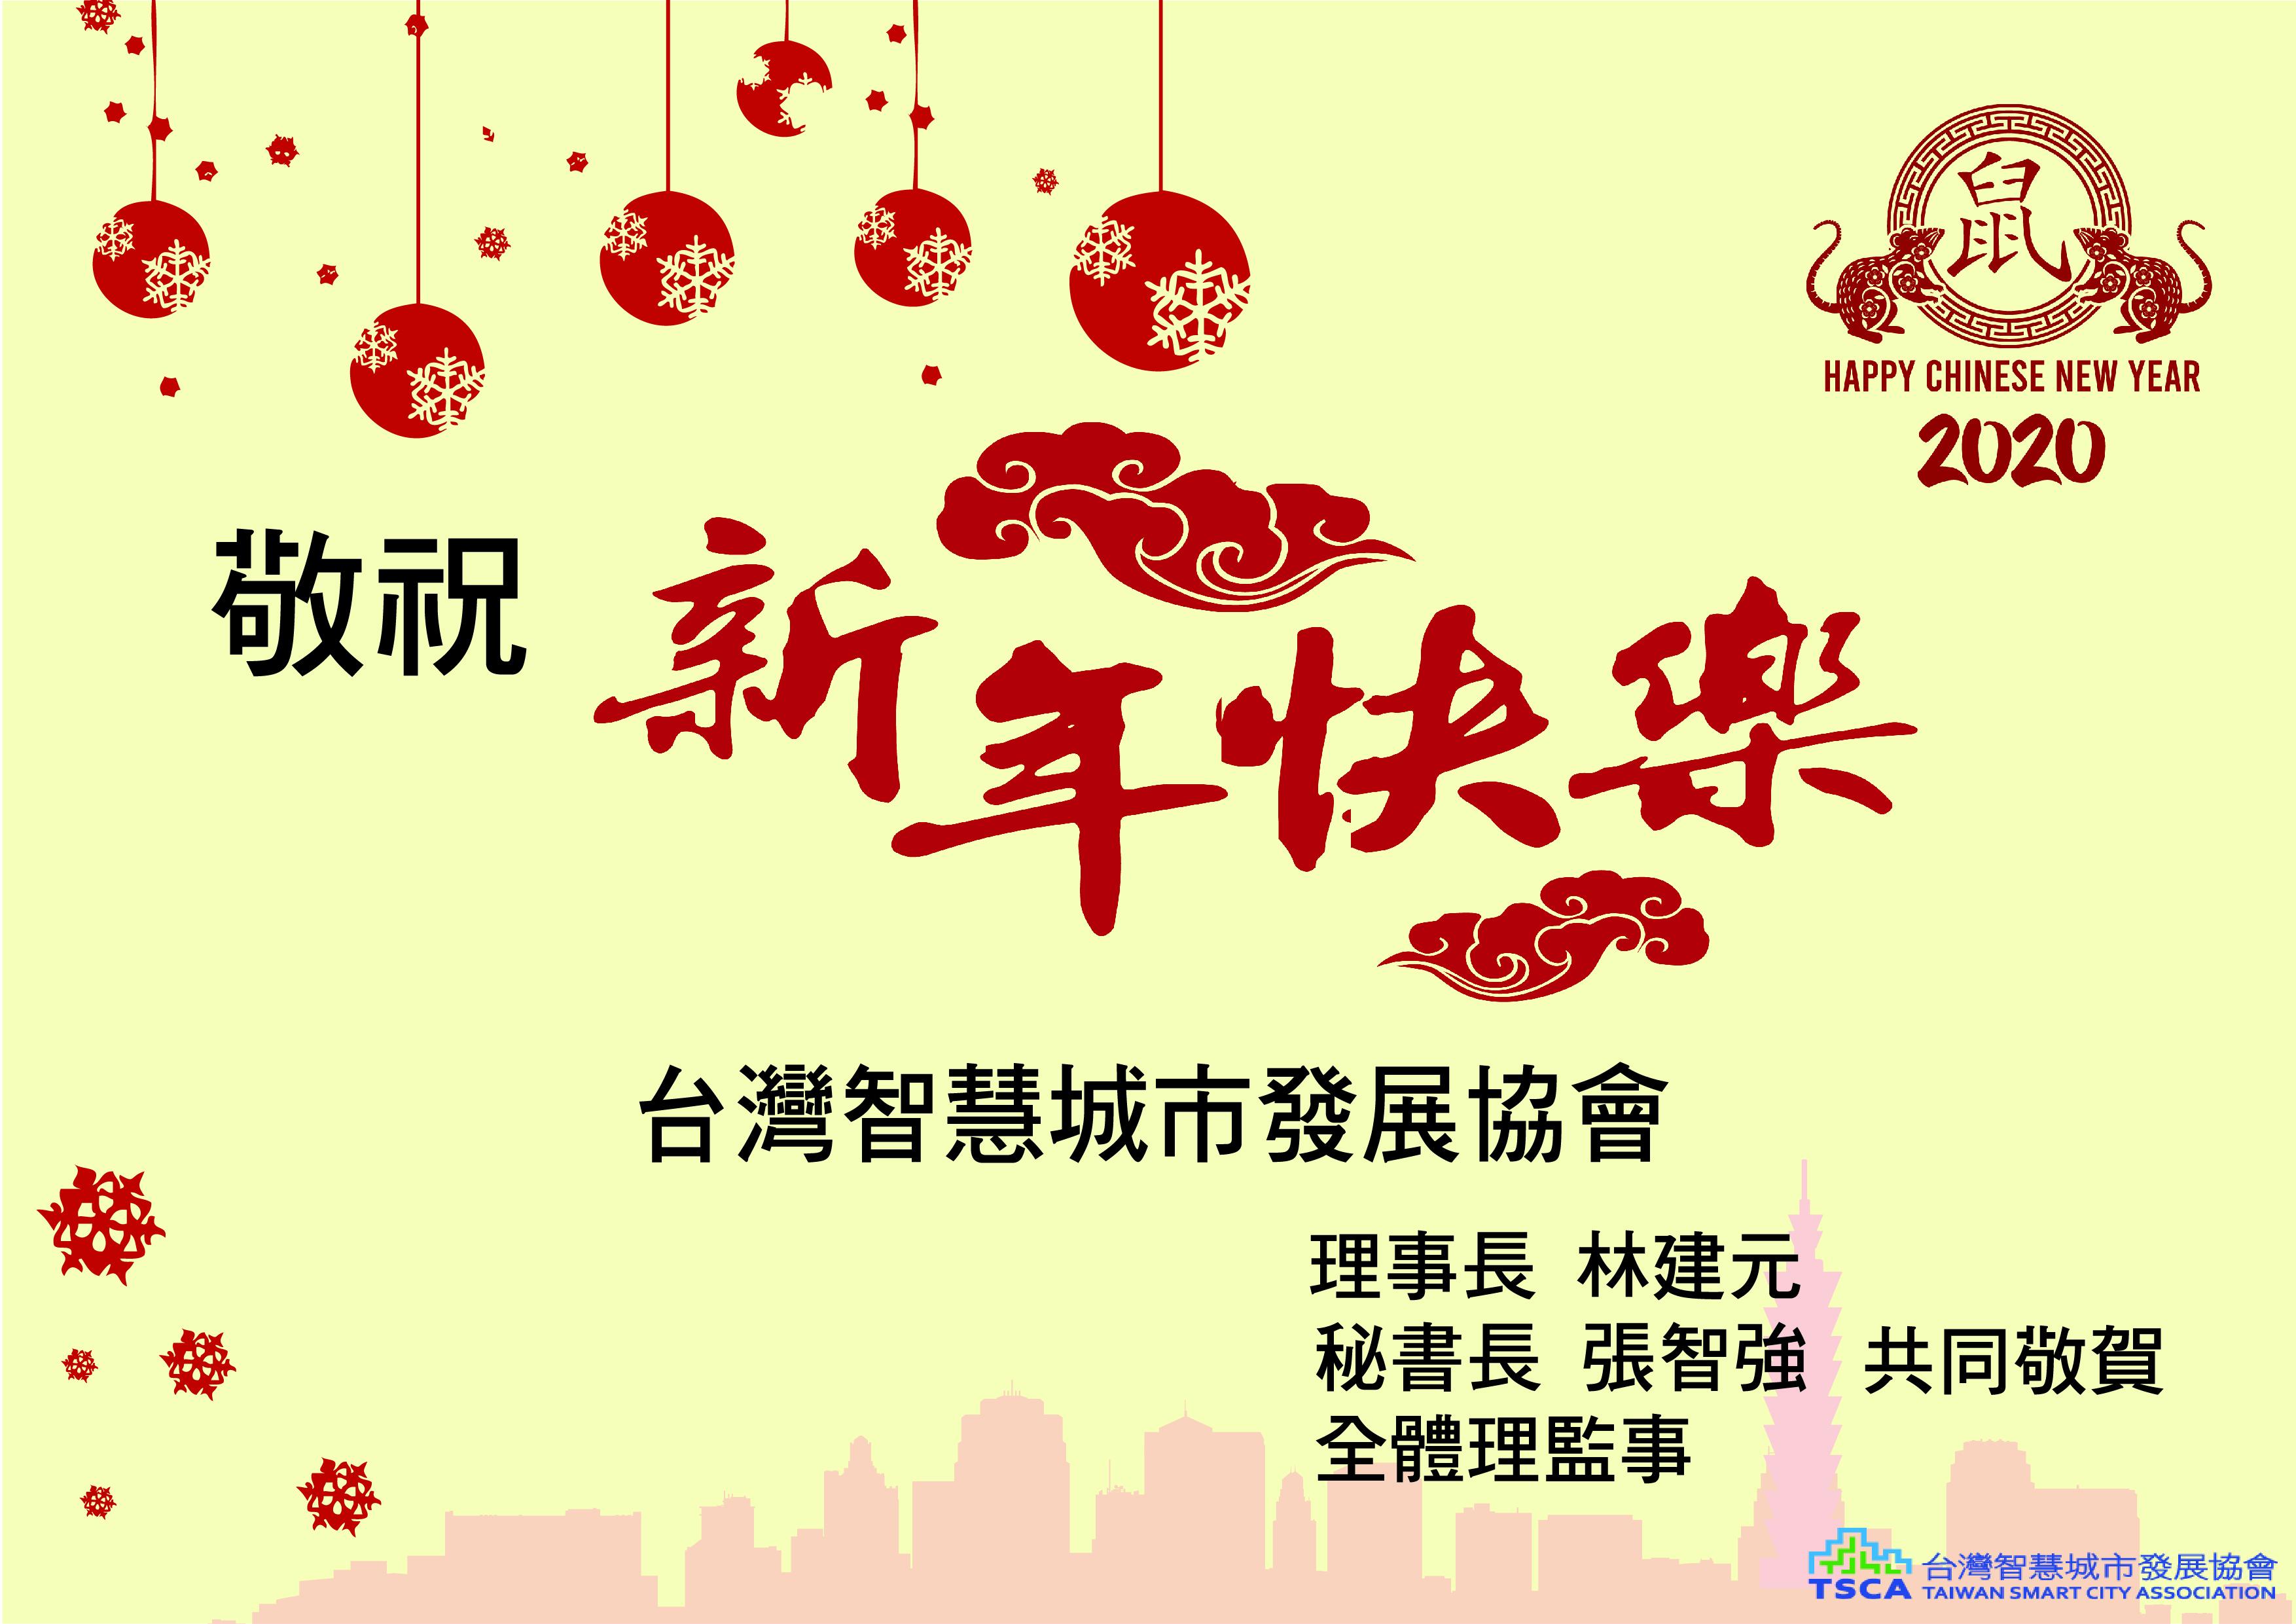 台灣智慧城市發展協會恭祝大家新年快樂